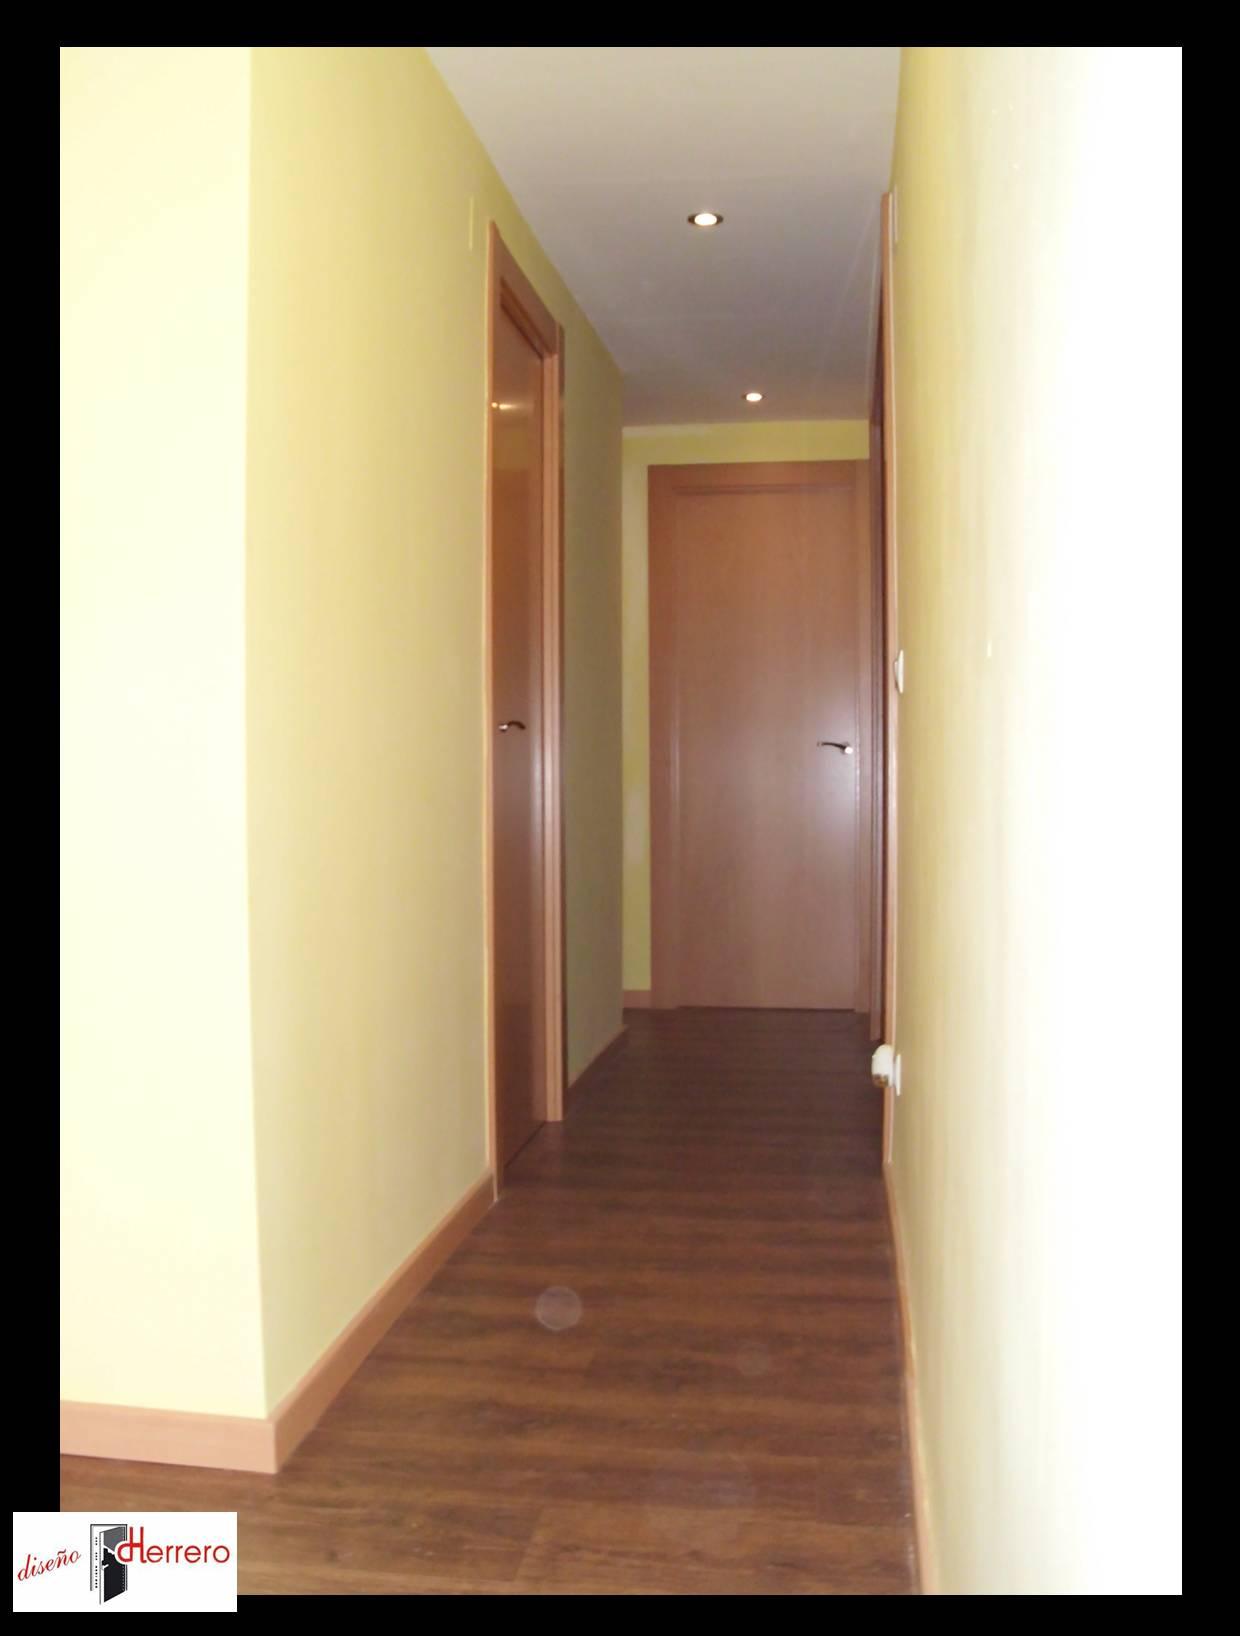 puertas y suelo javier 5